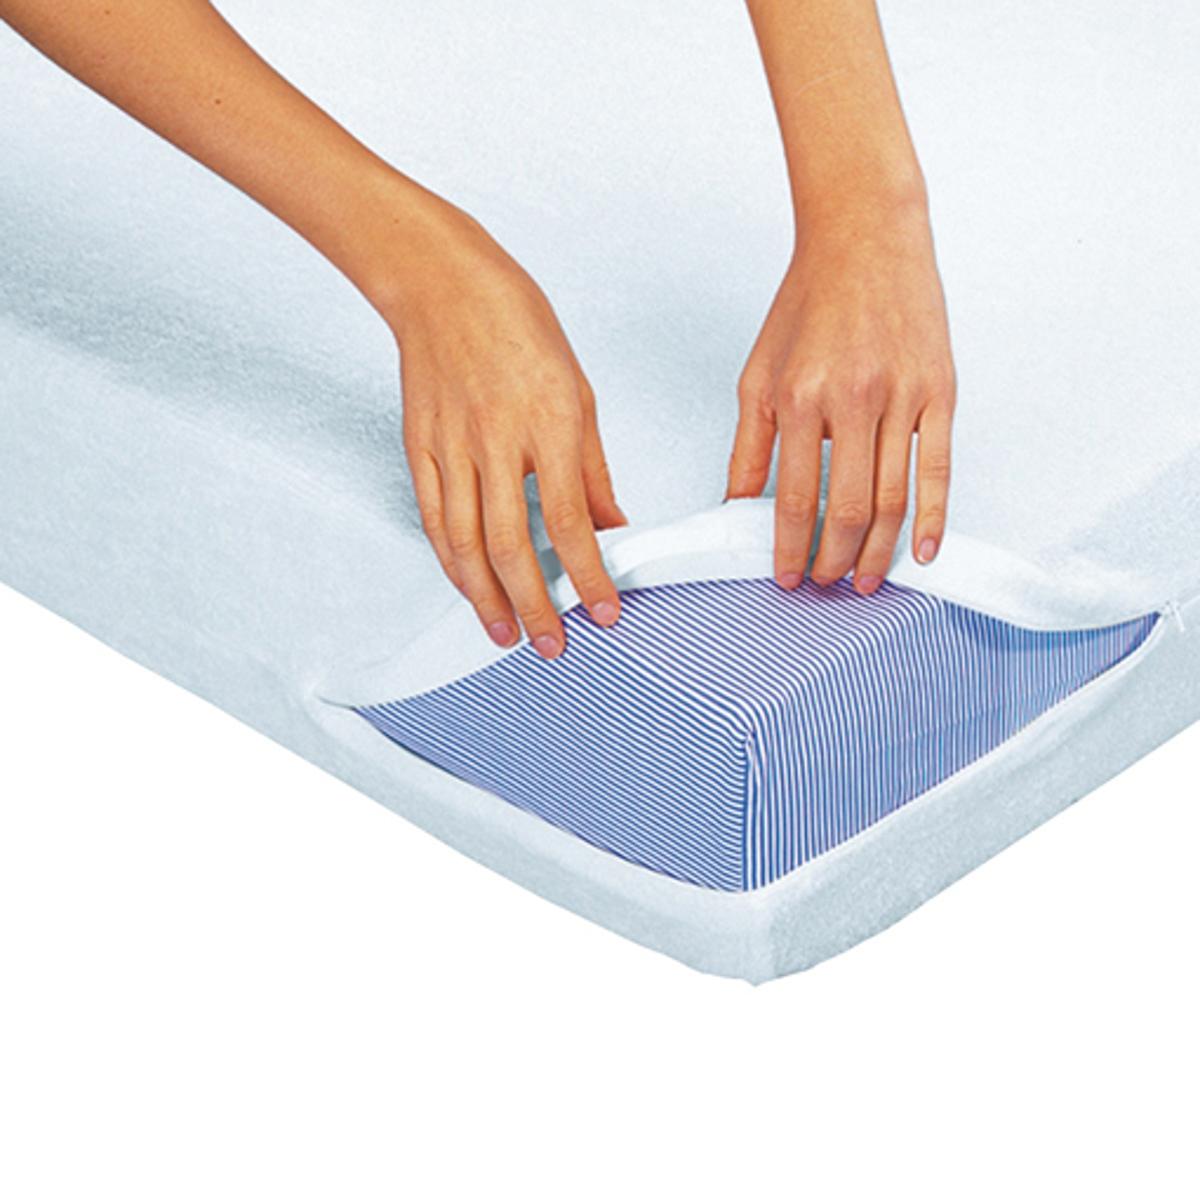 Наматрасник цельный из махровой ткани с противомикробной обработкойХарактеристики цельного наматрасника :Обработка : Aegis® - это антибактериальная и противоклещевая обработка, которая не представляет никакой опасности для человека, борется с неприятными запахами и сохраняет свою эффективность после многочисленных стирок.Для матрасов толщиной 15-23 см.Уход: : Машинная стирка при 60 °С. Изделие с биоцидной обработкой.Откройте для себя нашу коллекцию постельных принадлежностей на сайте laredoute.ru<br><br>Цвет: белый